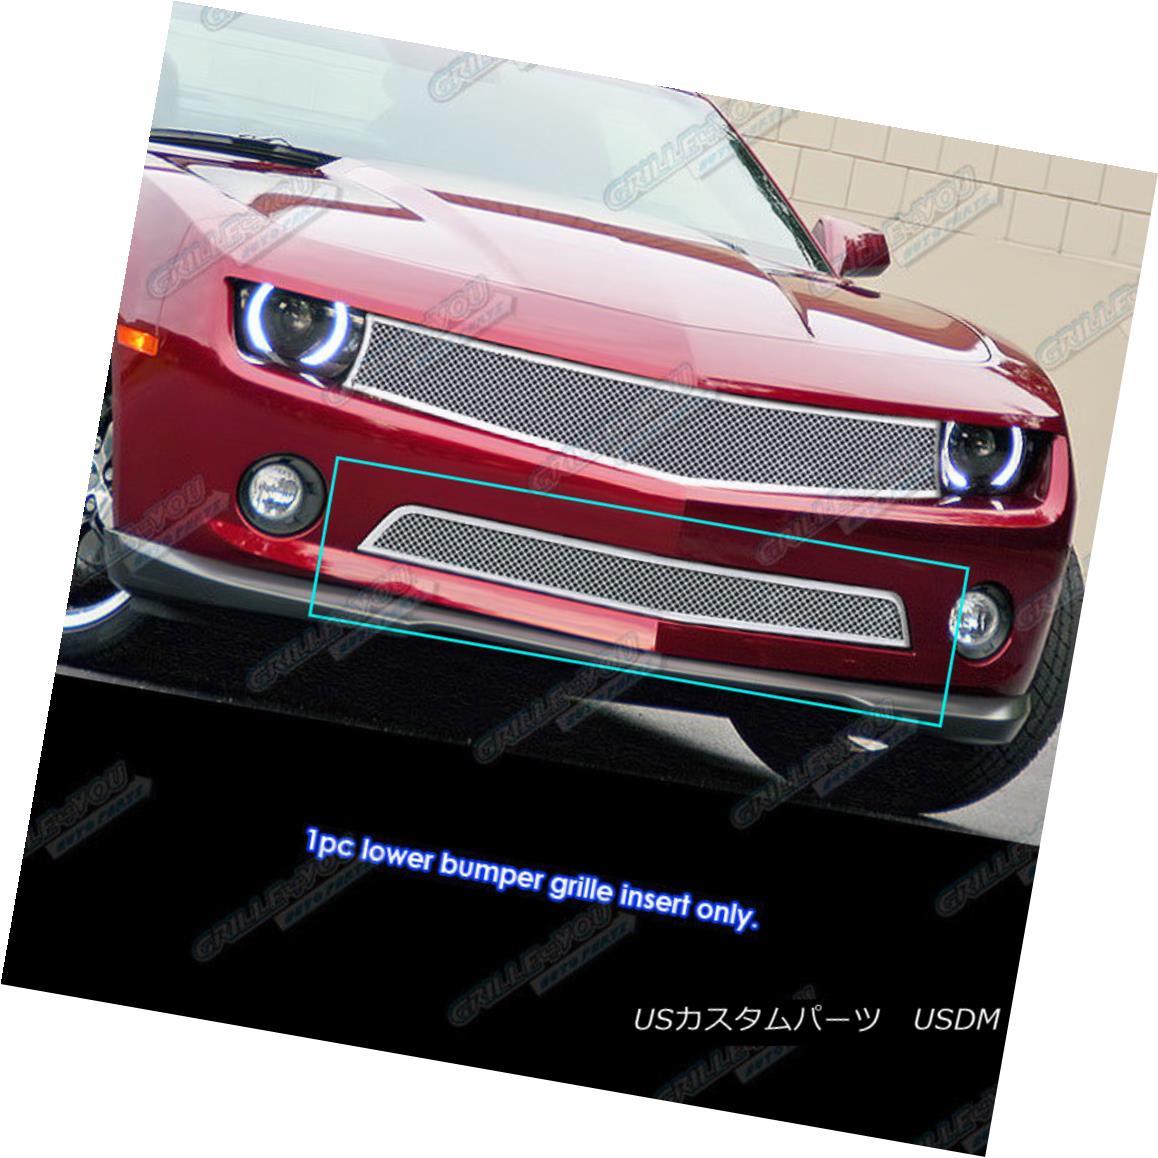 グリル Fits 2010-2013 Chevy Camaro LT/LS V6 Lower Bumper Mesh Grille Grill Insert フィット2010-2013シボレーカマロLT / LS V6ロワーバンパーメッシュグリルグリルインサート